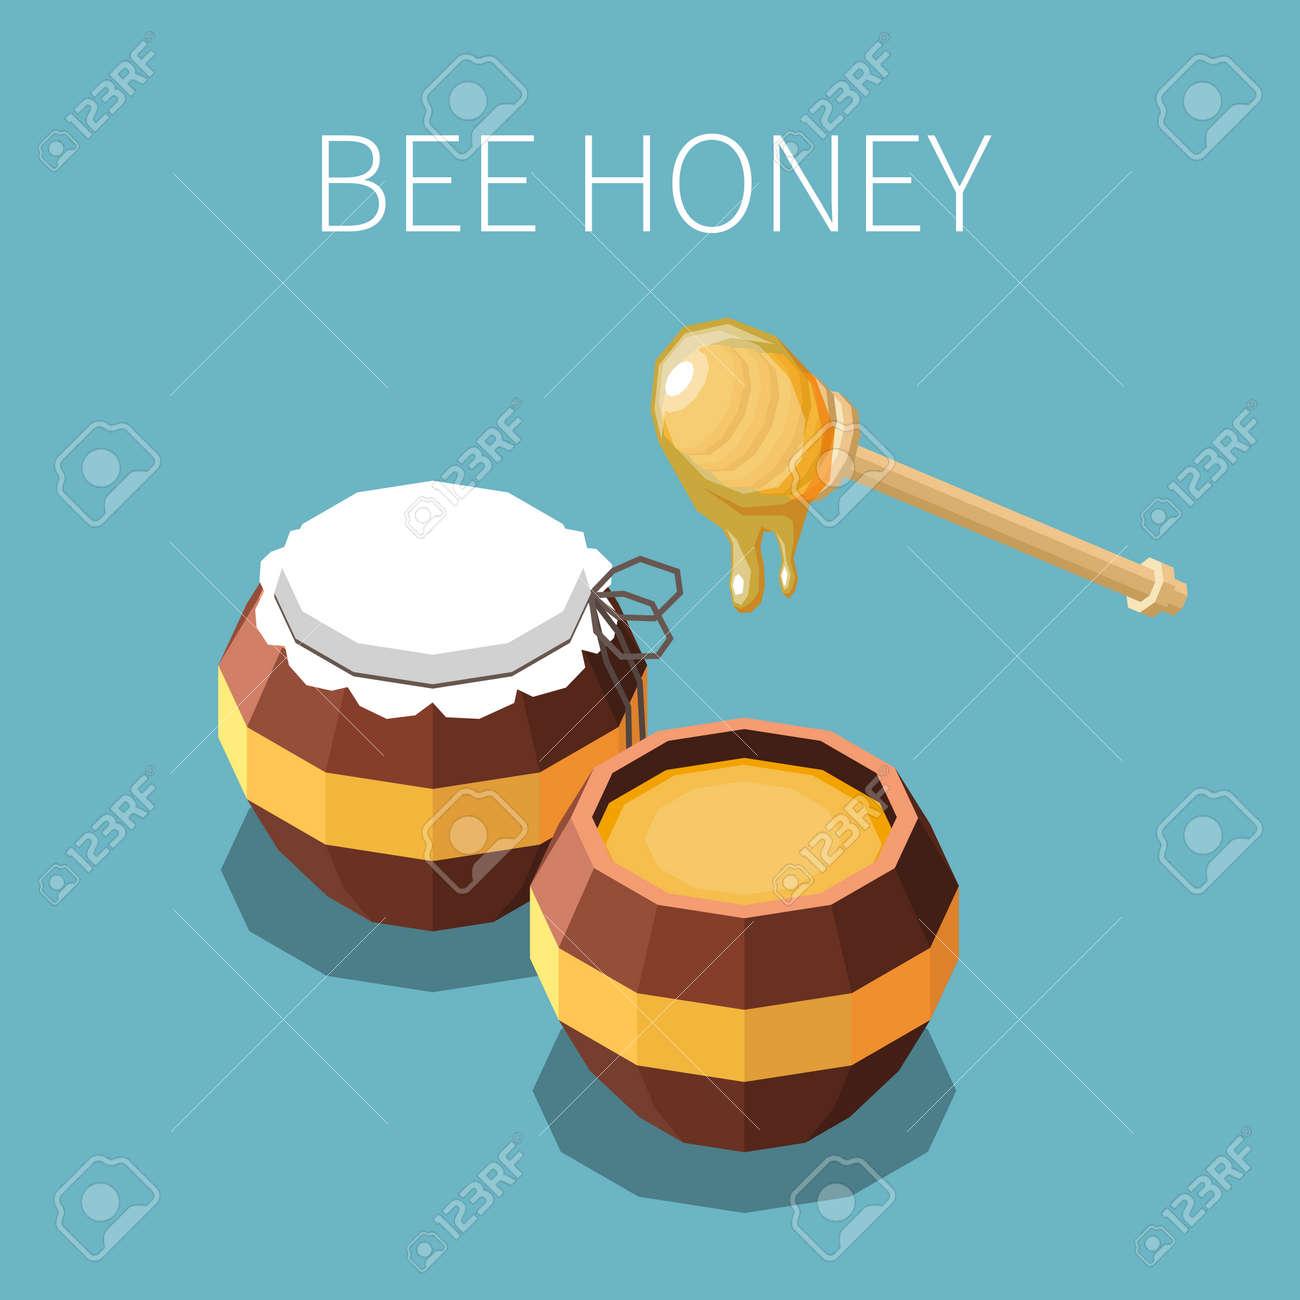 Bee Honey Isometric Background - 171636040